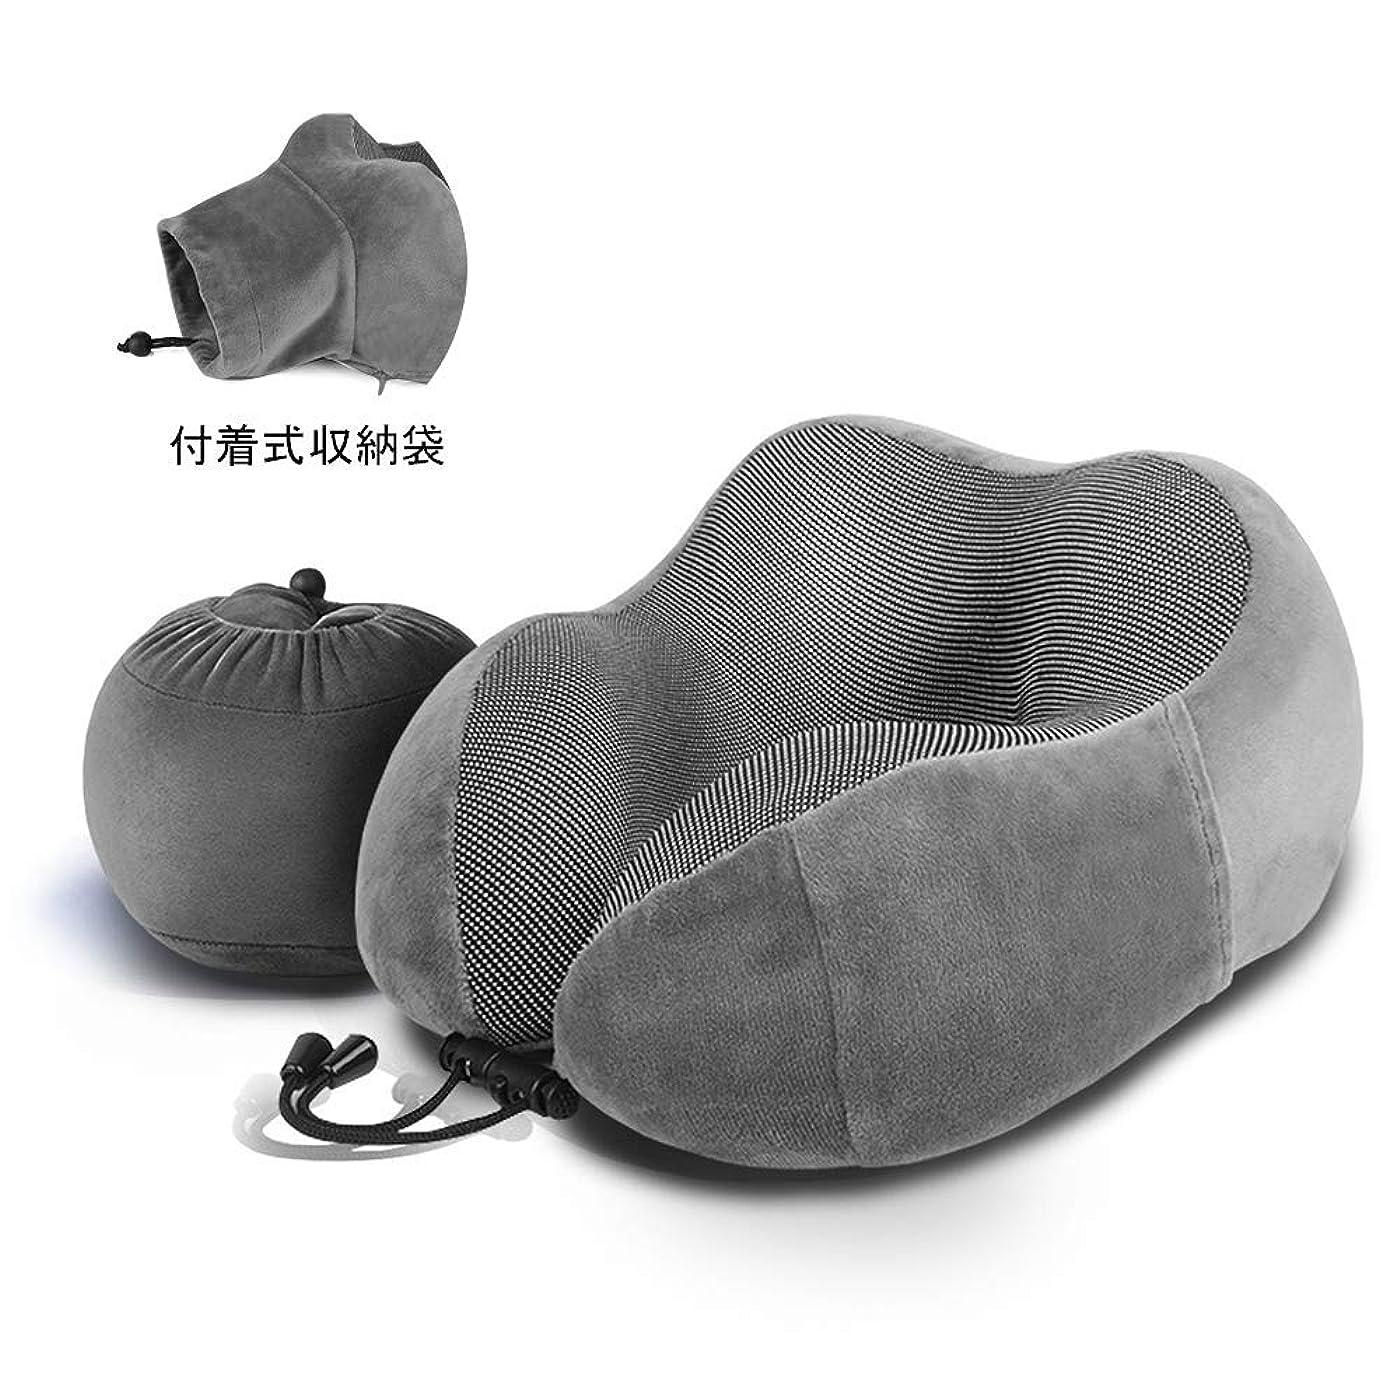 ピクニックモス慢なネックピロー 低反発 旅行用 まくら 携帯枕 - Luxsure U型 首枕 頚椎肩こり改善 飛行機 旅行用 トラベル枕 枕と収納袋が一体となり 携帯ポケットが付いています(グレー)